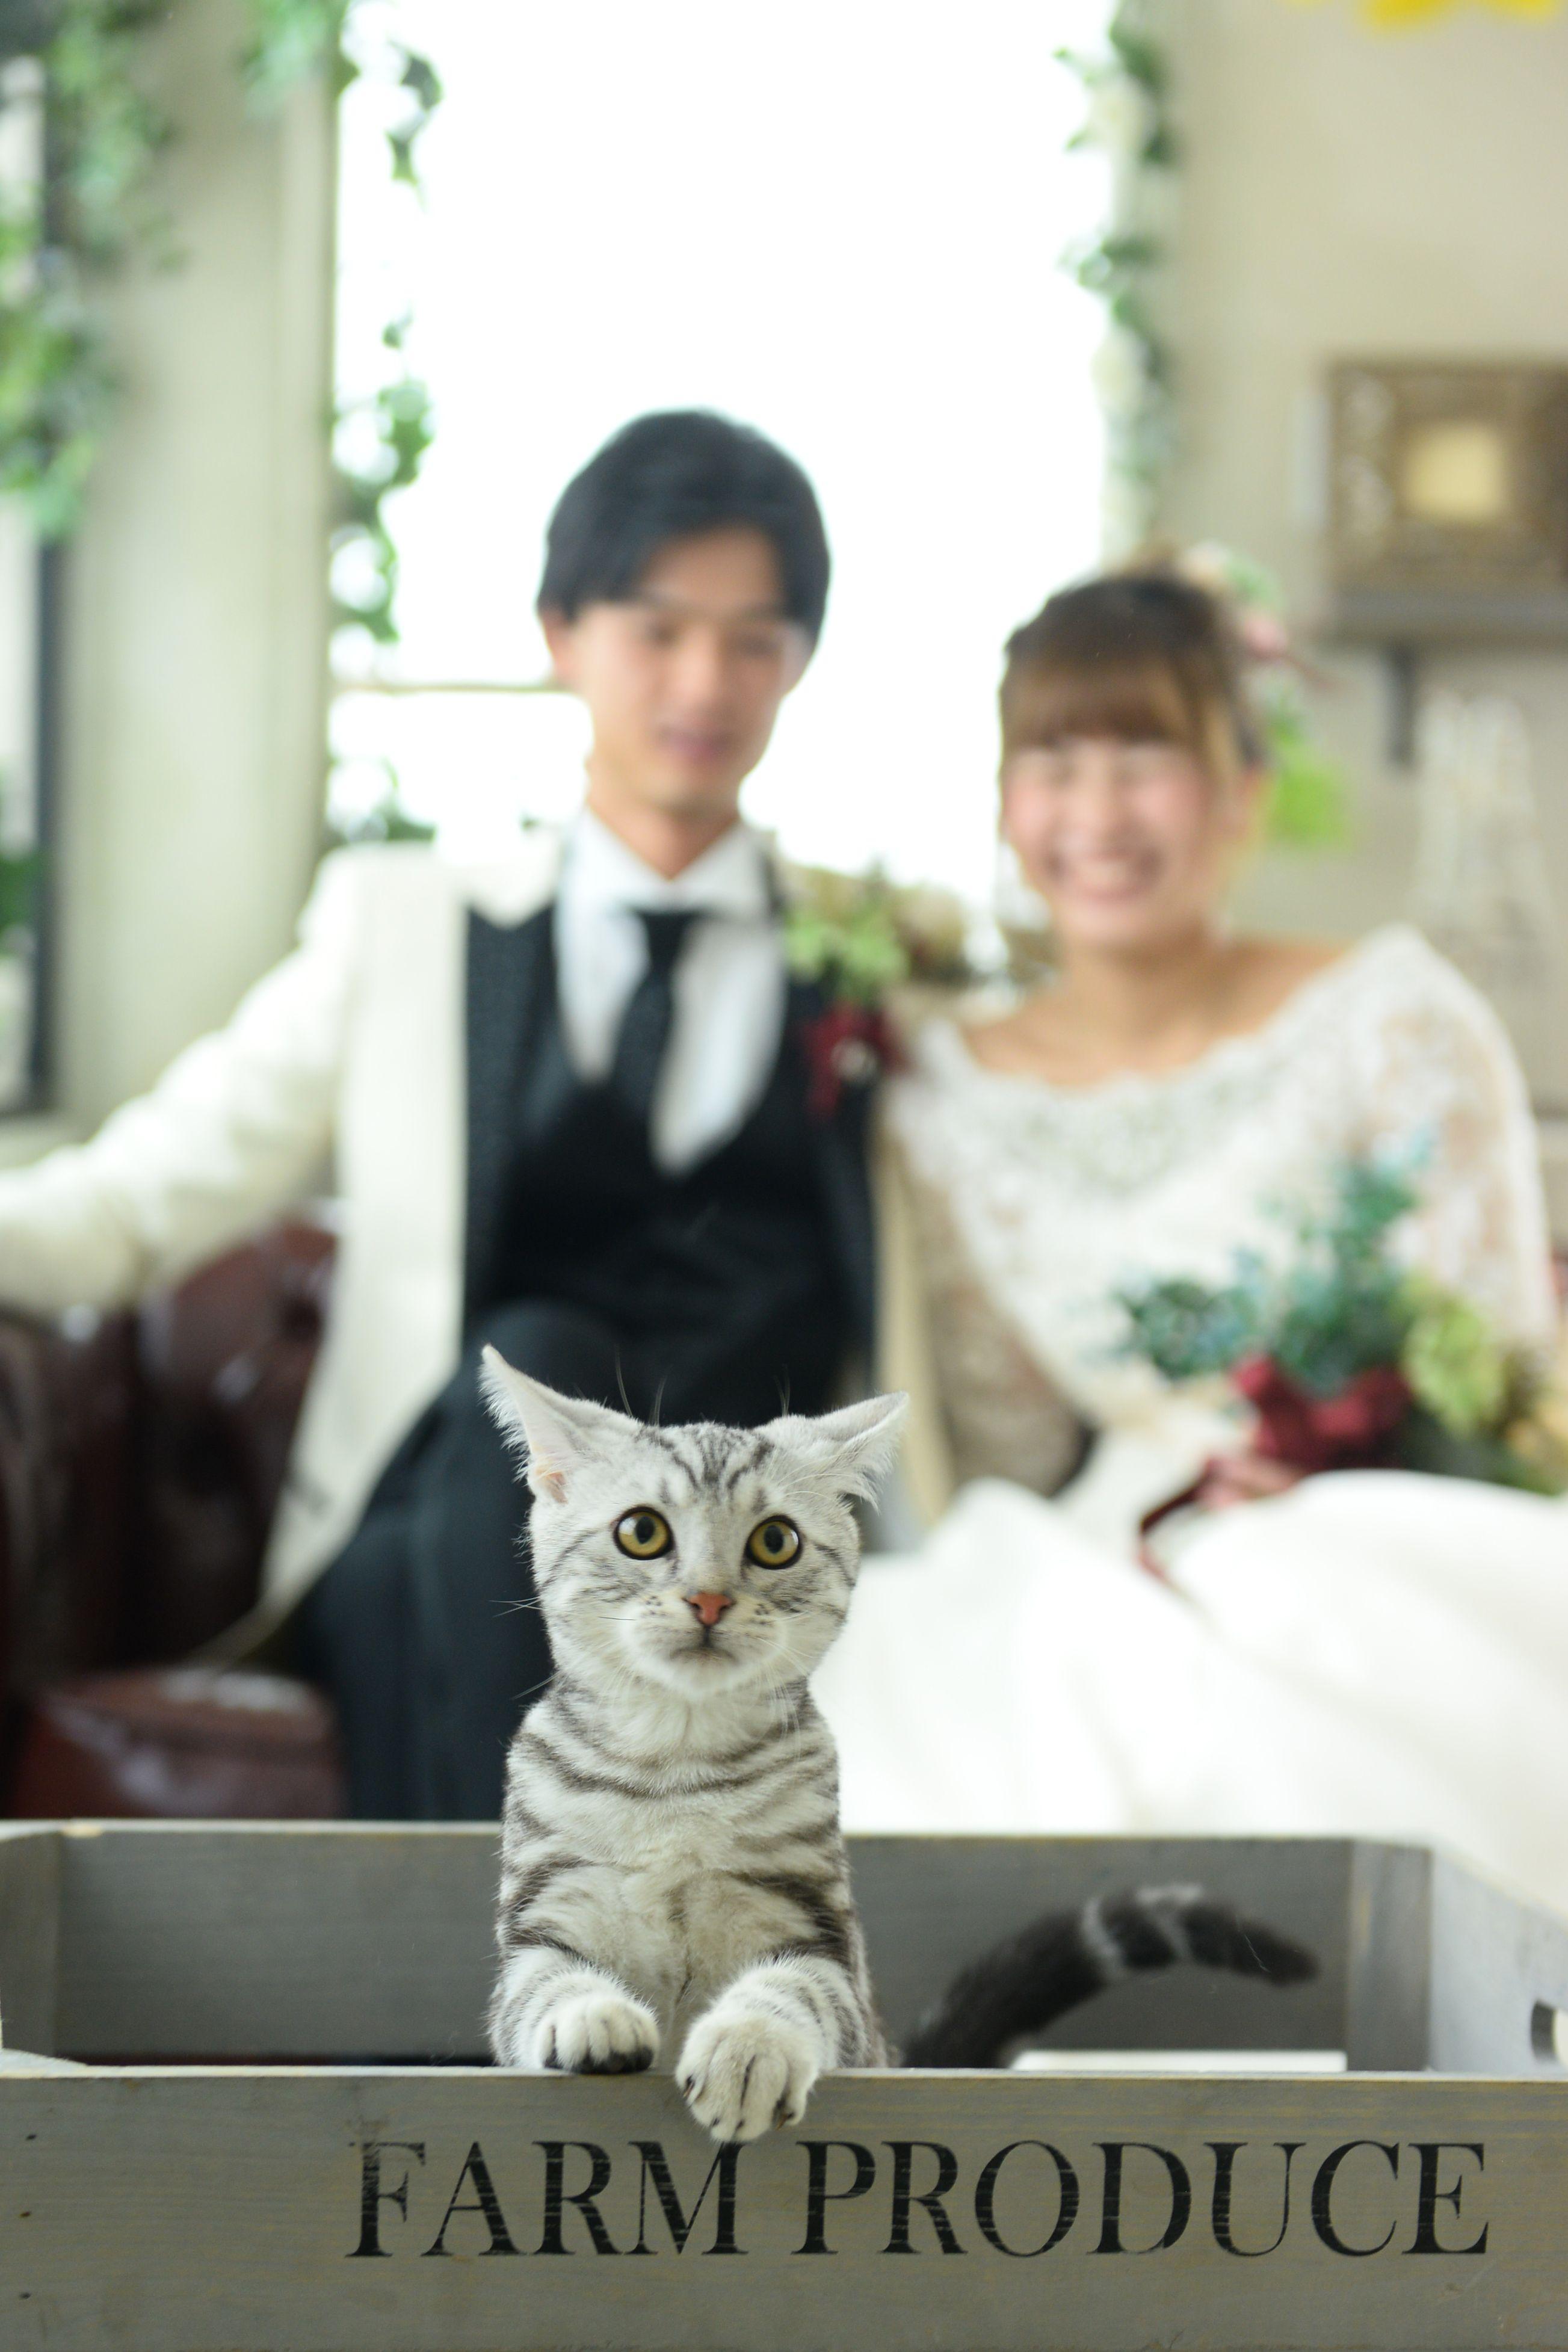 猫ちゃんと一緒にフォトウェディング ウェディングフォト 結婚式 ペット ウェディング